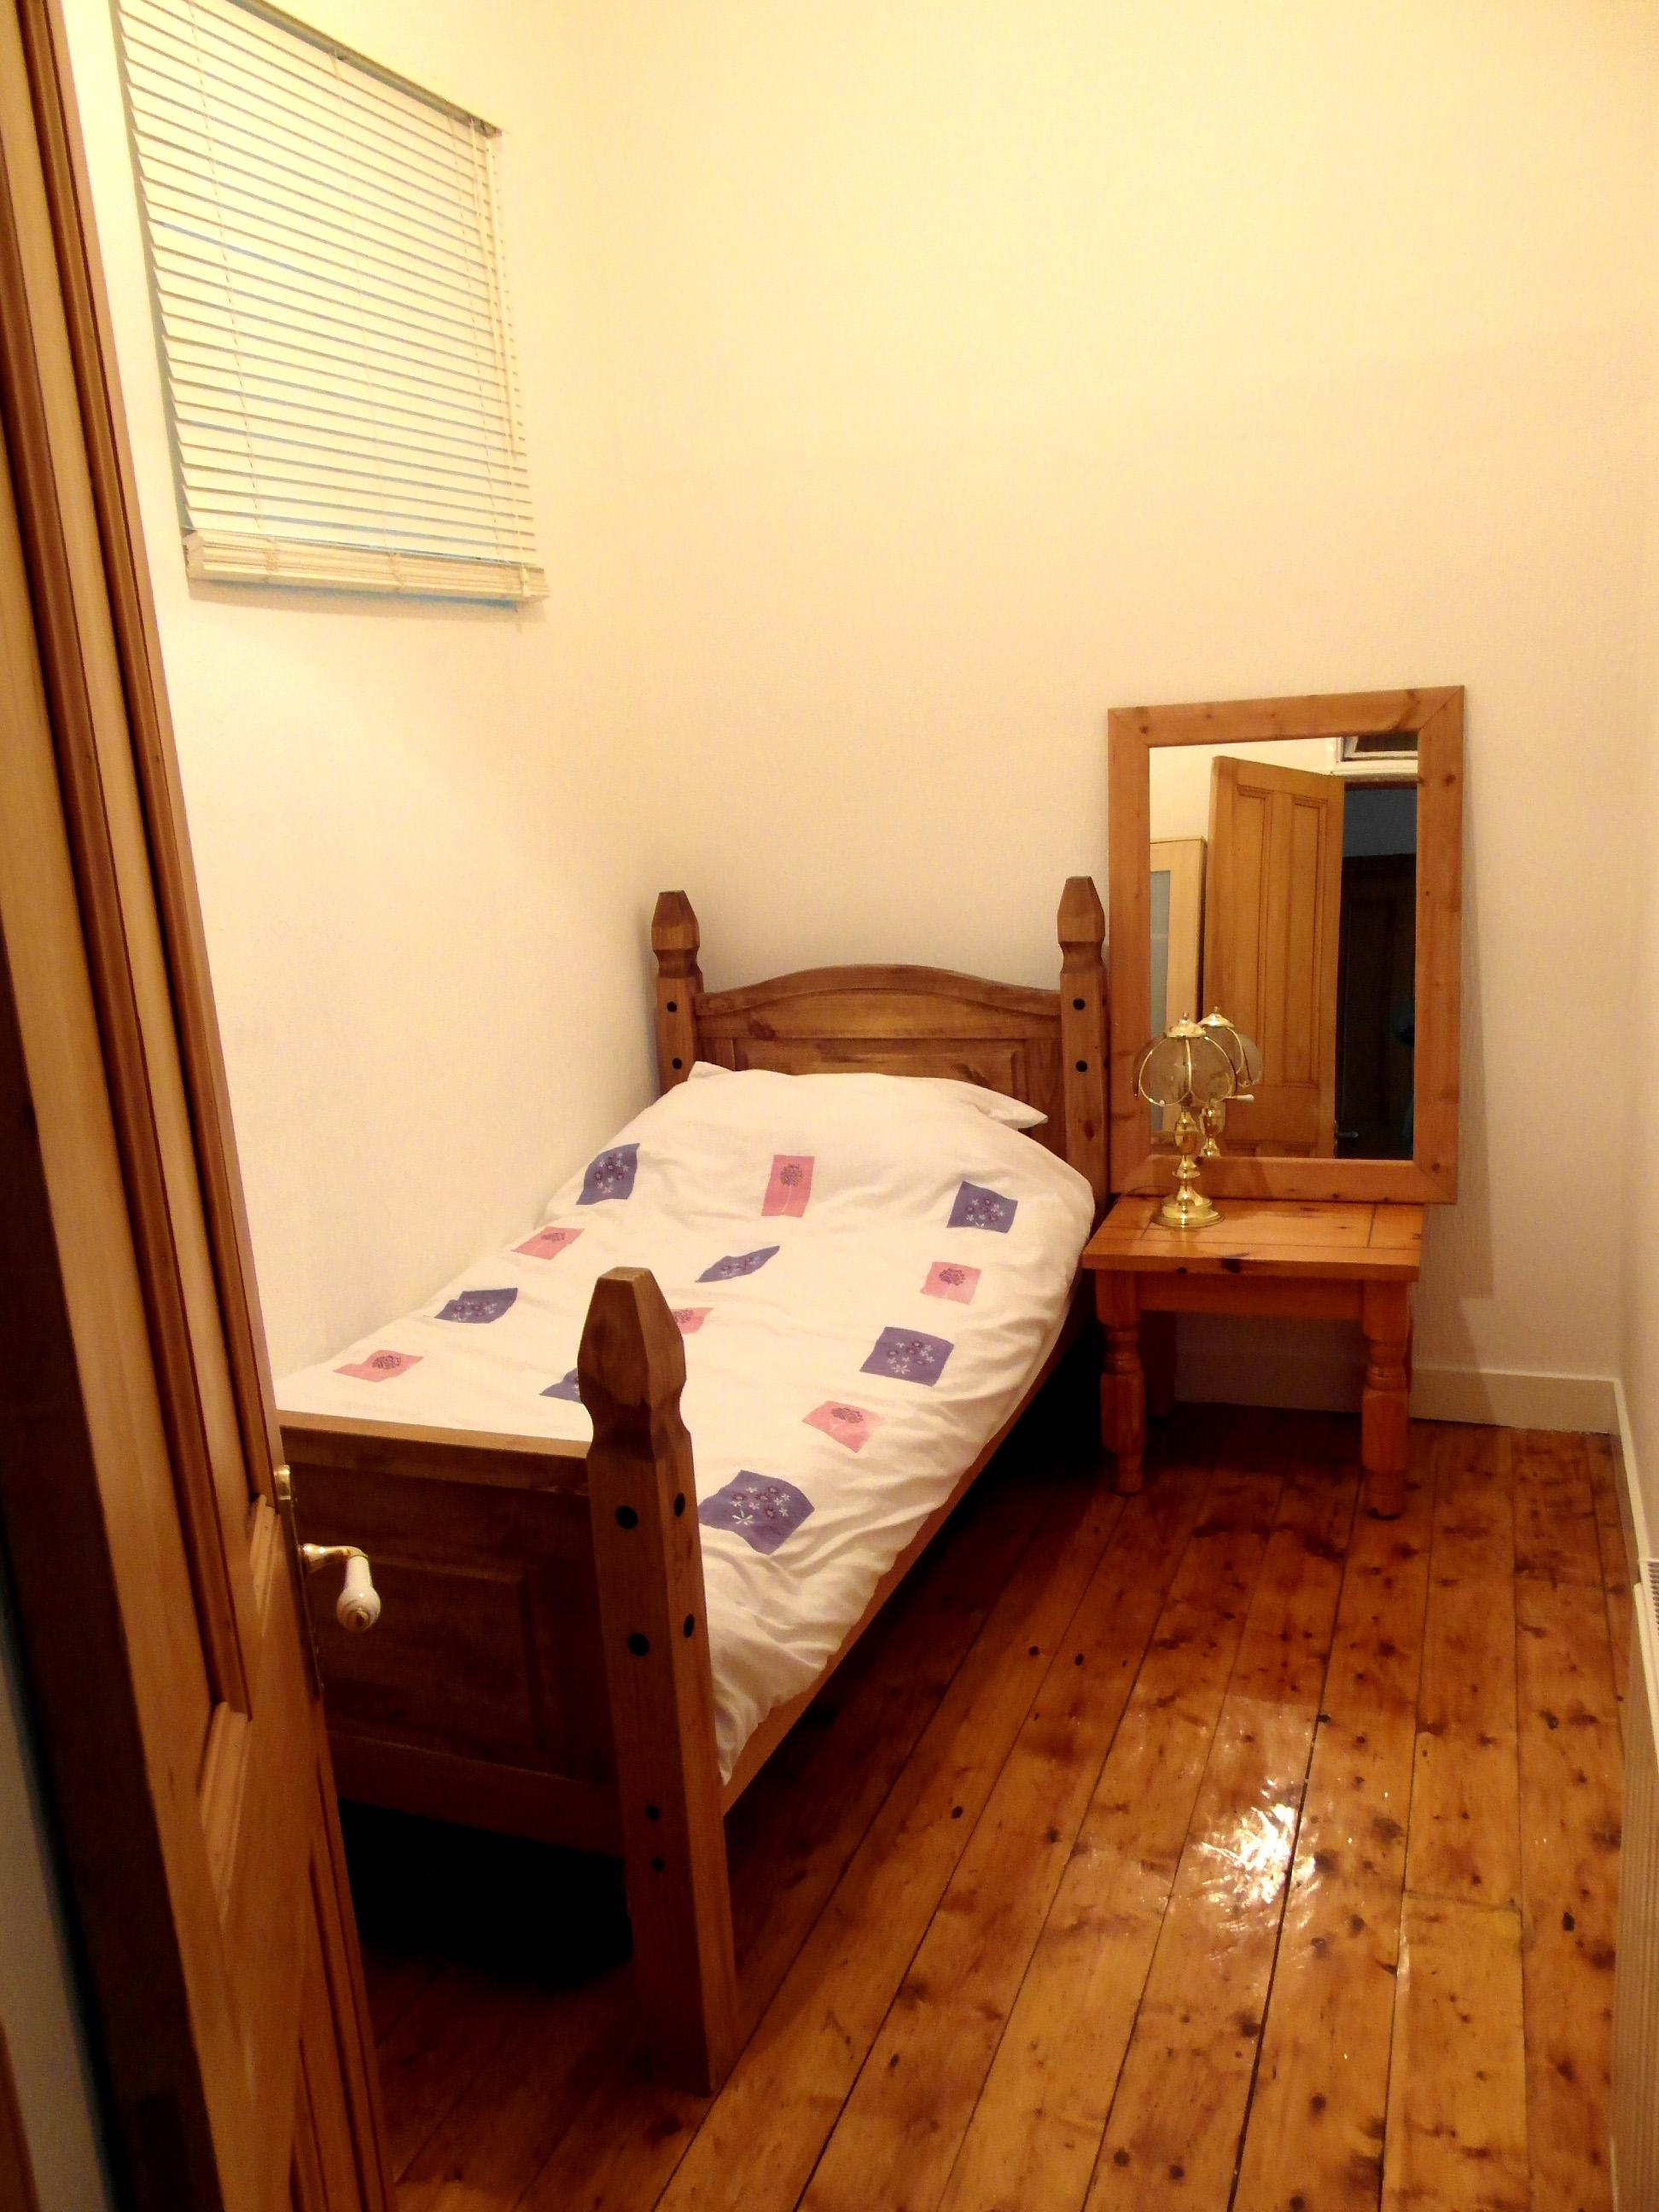 Box Room Beds Box Room: Nina Äikäs